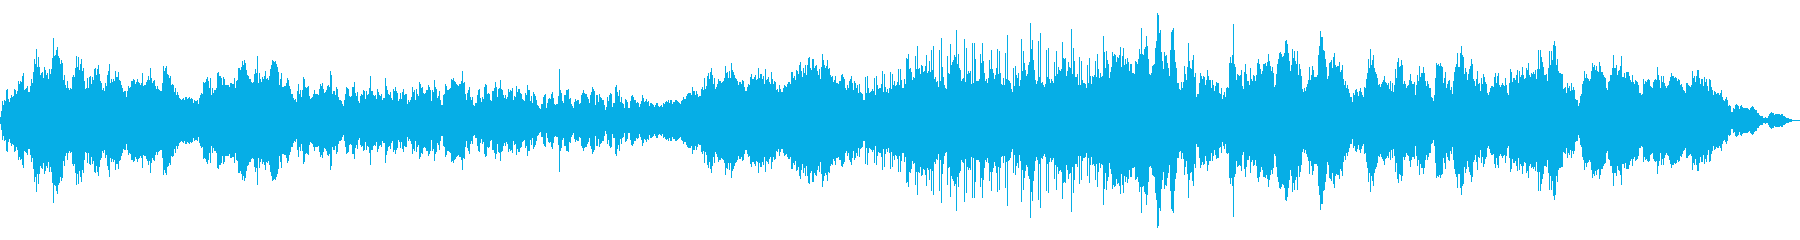 エスニック感漂うスペースサウンドスケープの再生済みの波形